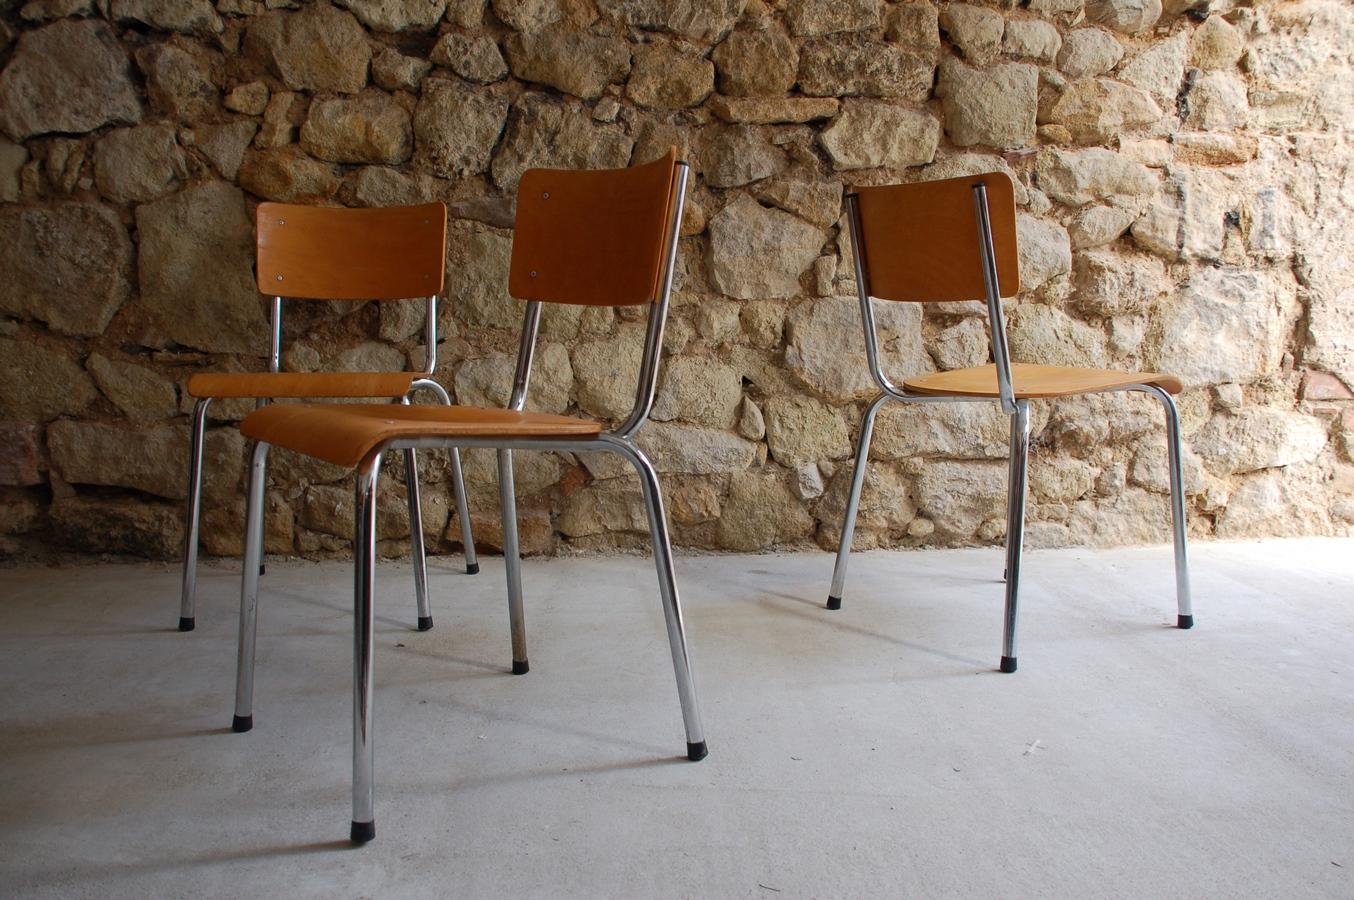 Stahlrohr Loft Industrial Industrie Design Stühle Stapelstuhl gebraucht (3) a